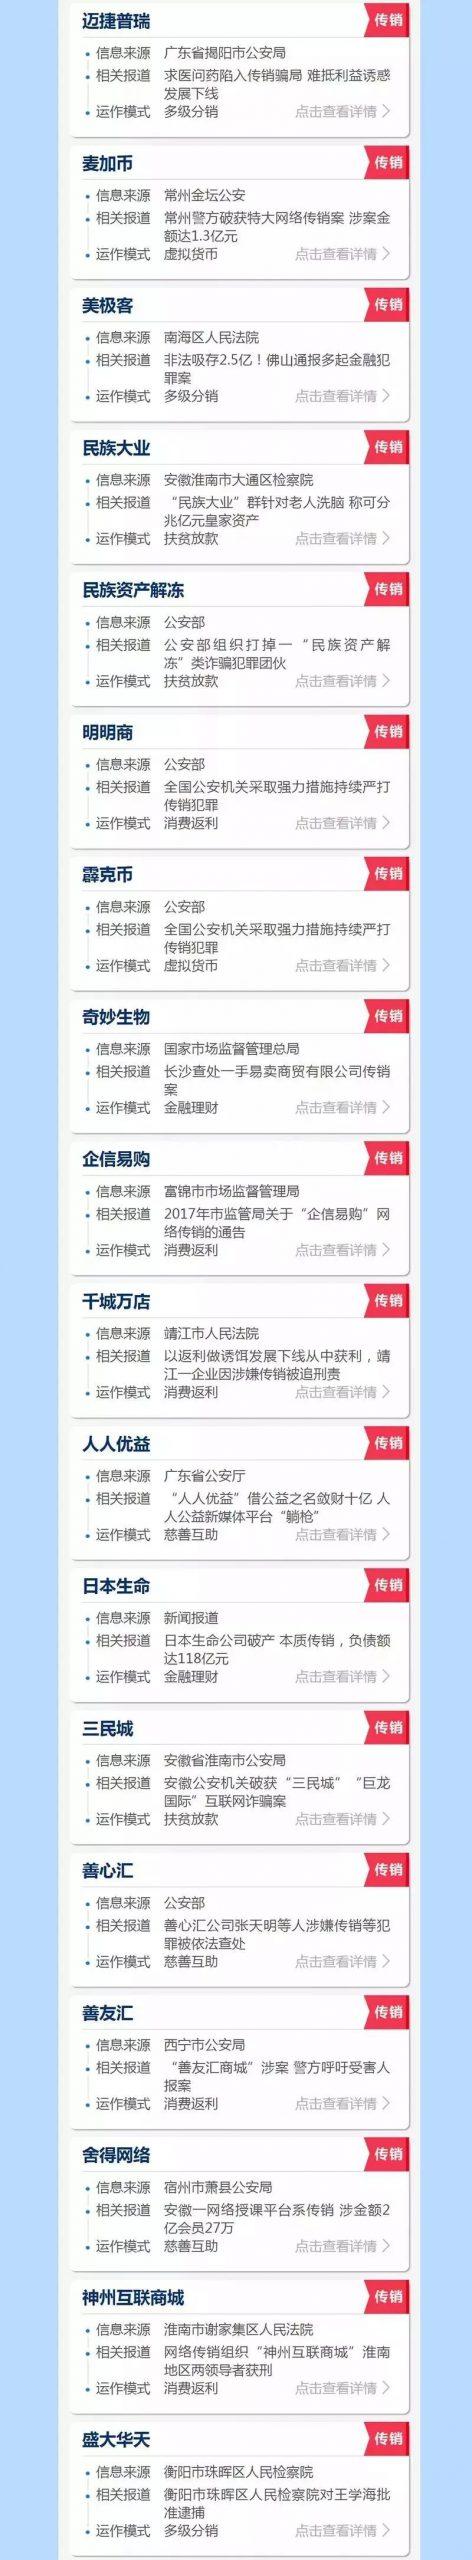 """现场视频曝光!广东20多名""""富婆""""被抓,她们都来自这些组织!插图44"""